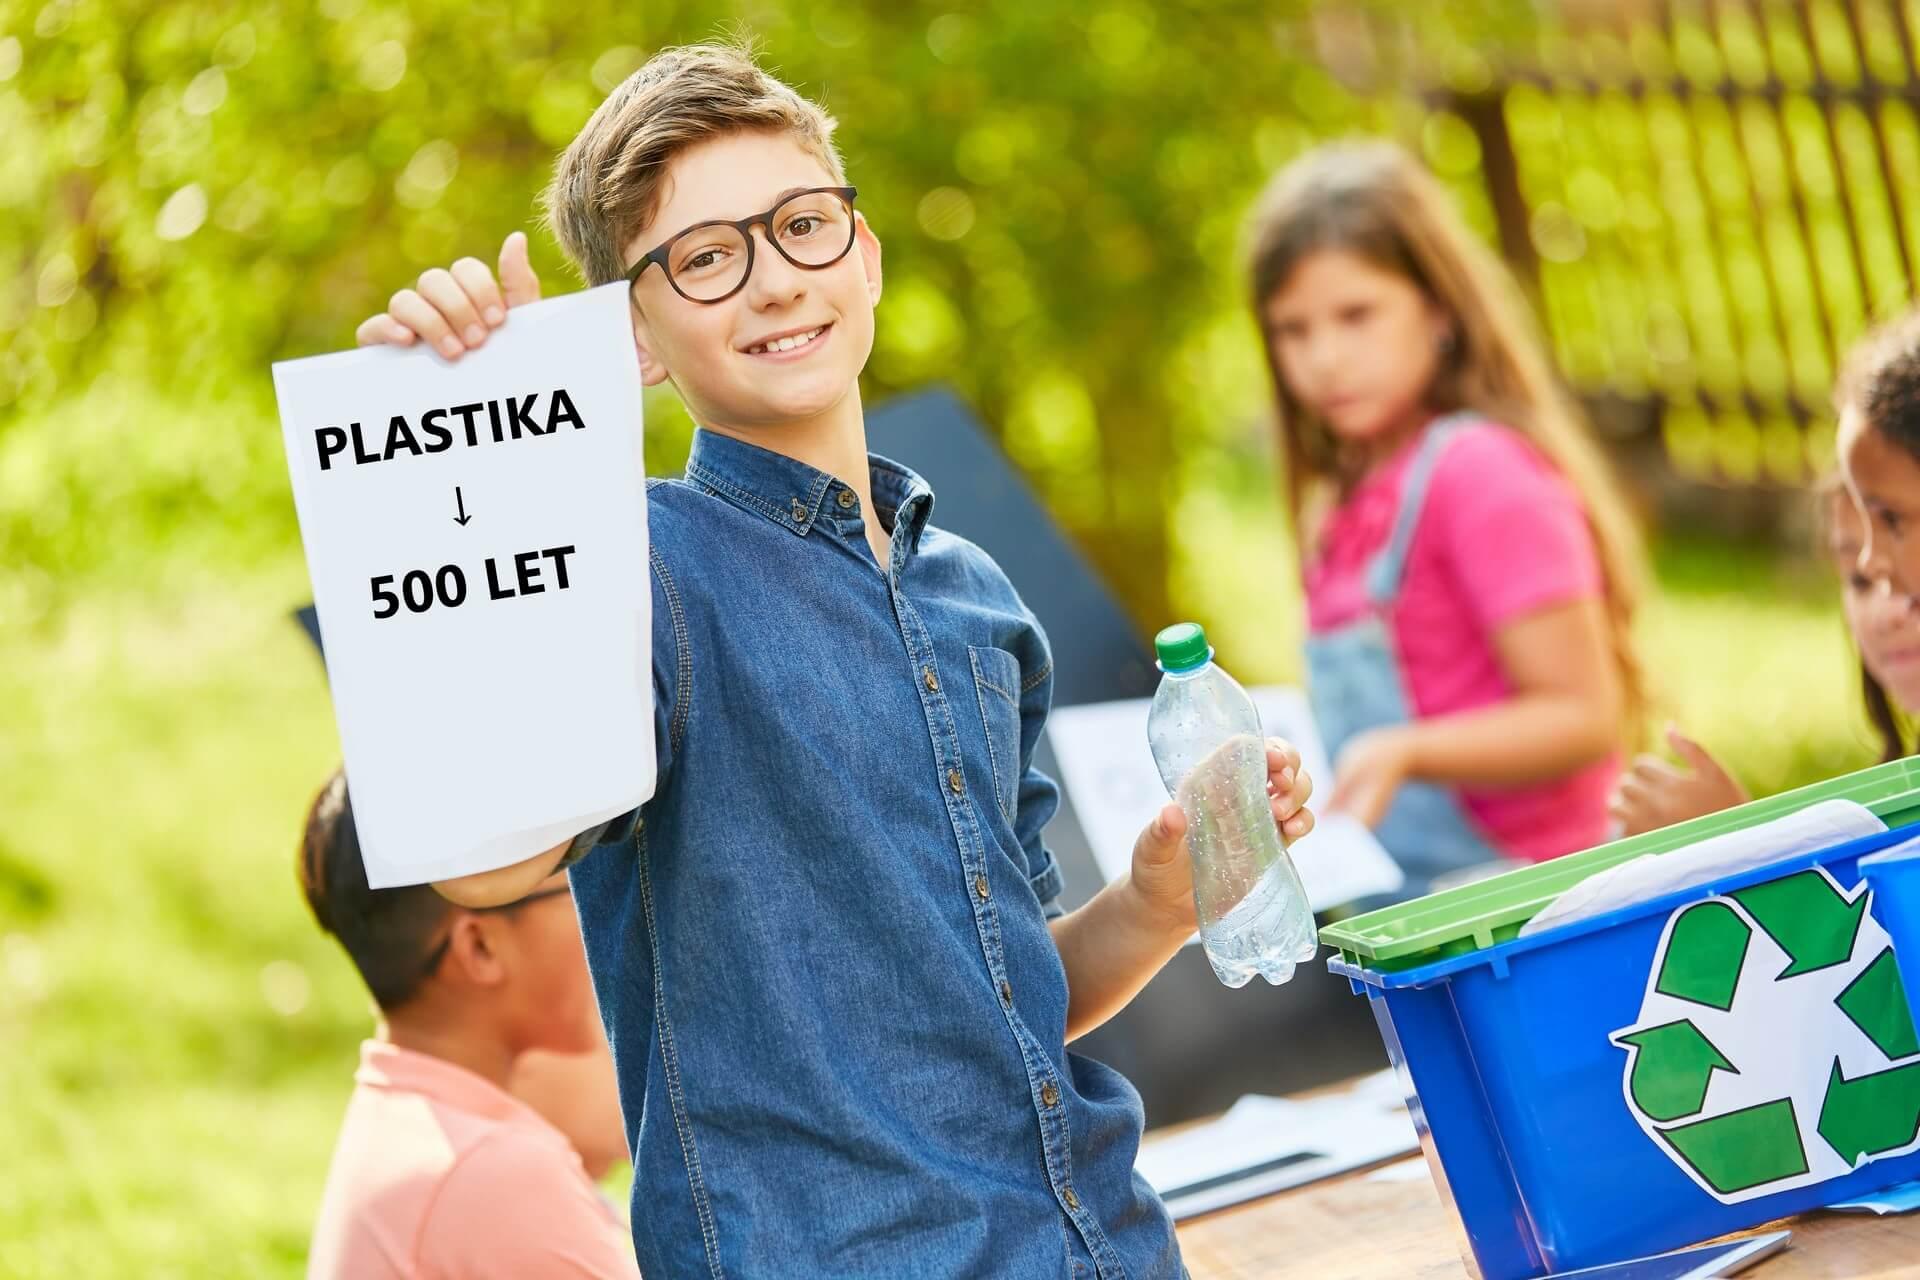 Slovenski otroci na misiji proti plastičnemu onesnaževanju